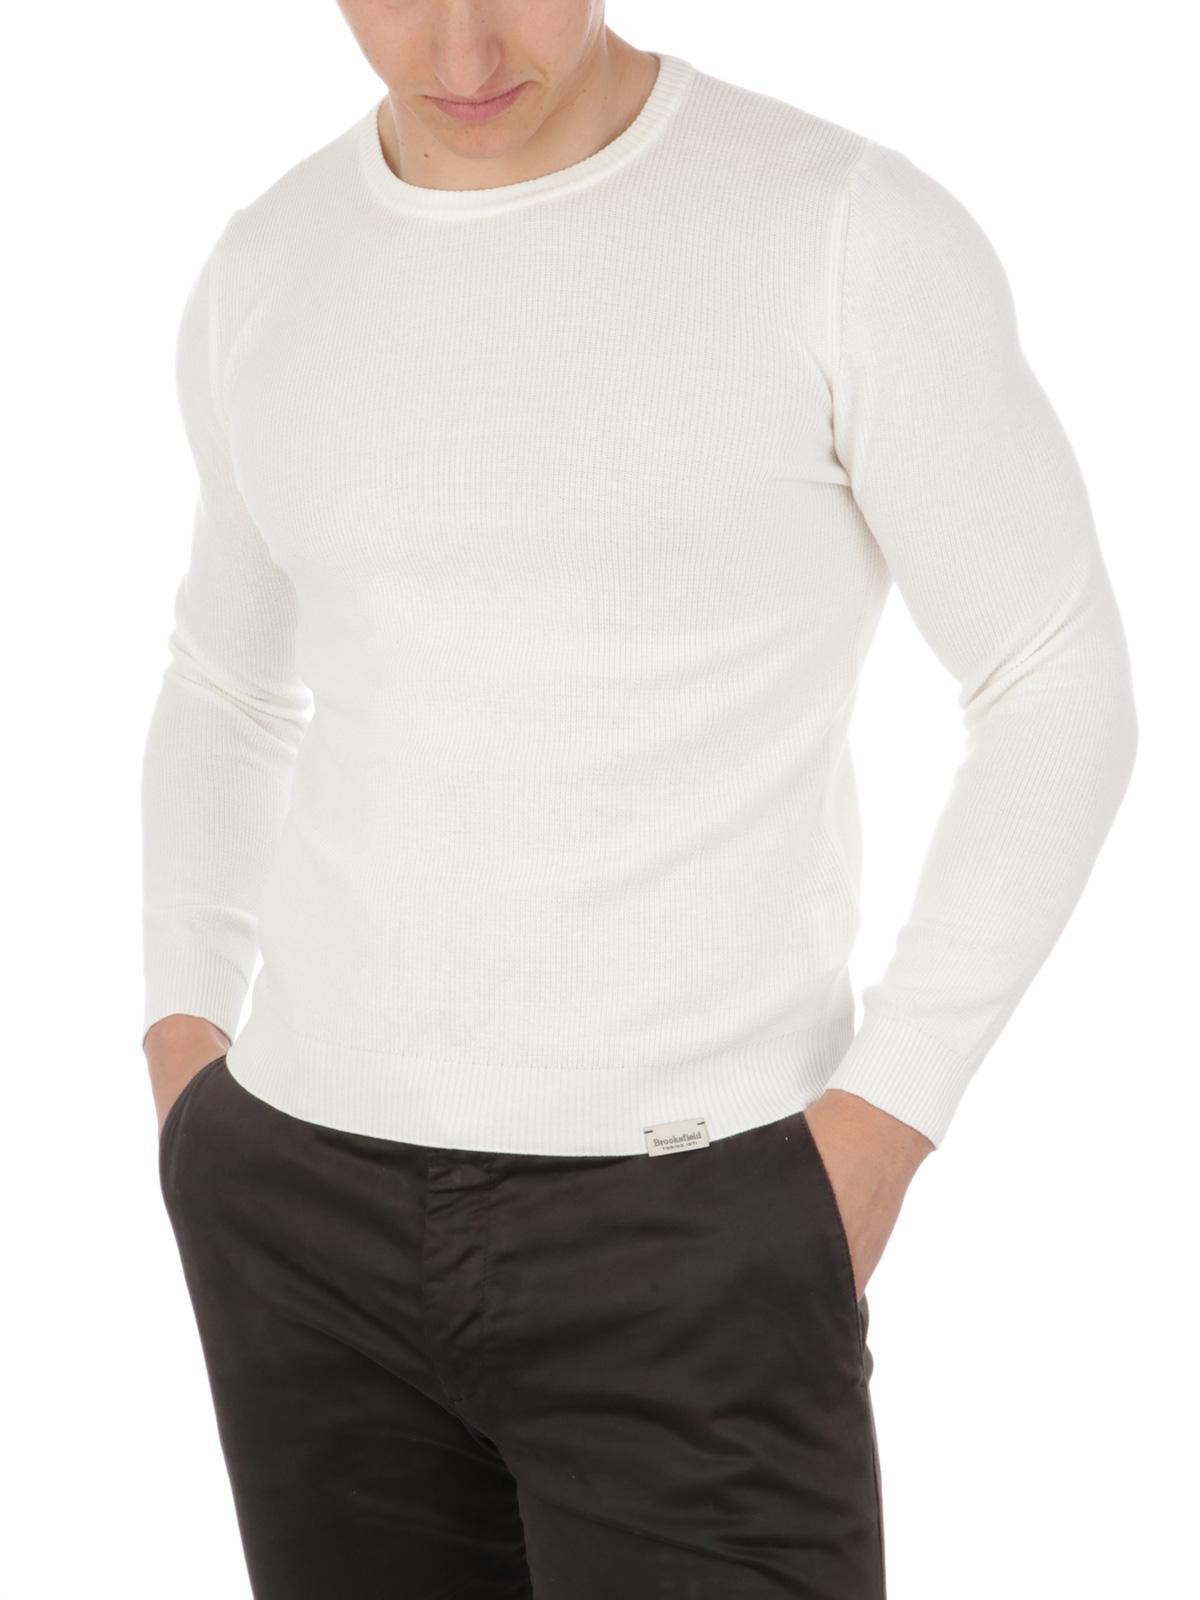 Immagine di BROOKSFIELD | Pullover Uomo in Maglia Inglese